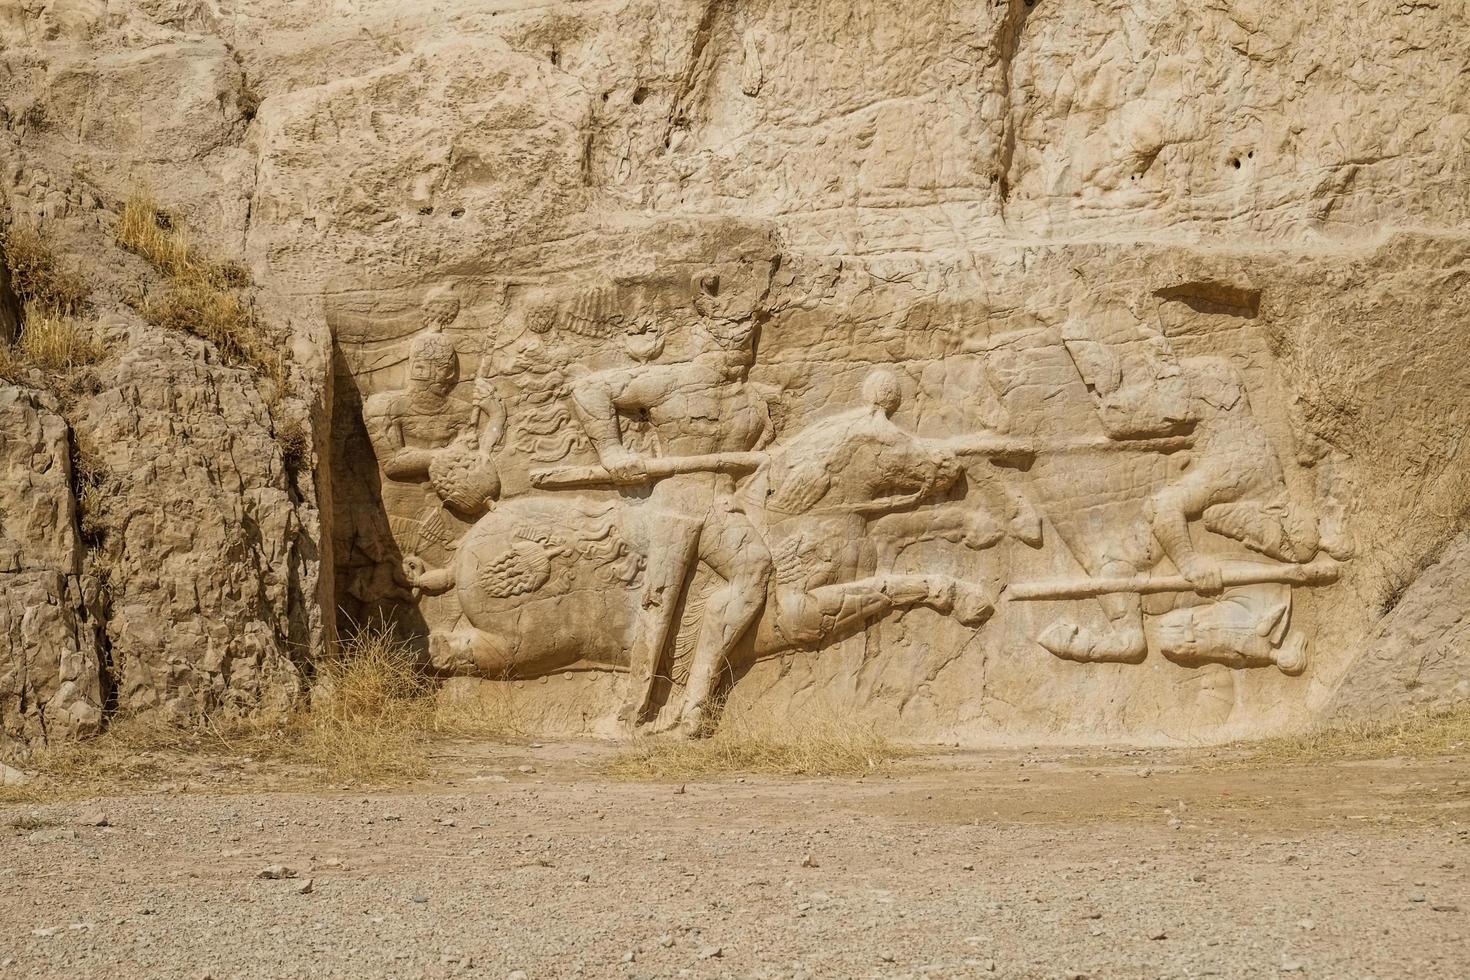 Relief de roche sassanide à Naqsh-e Rostam, Iran photo